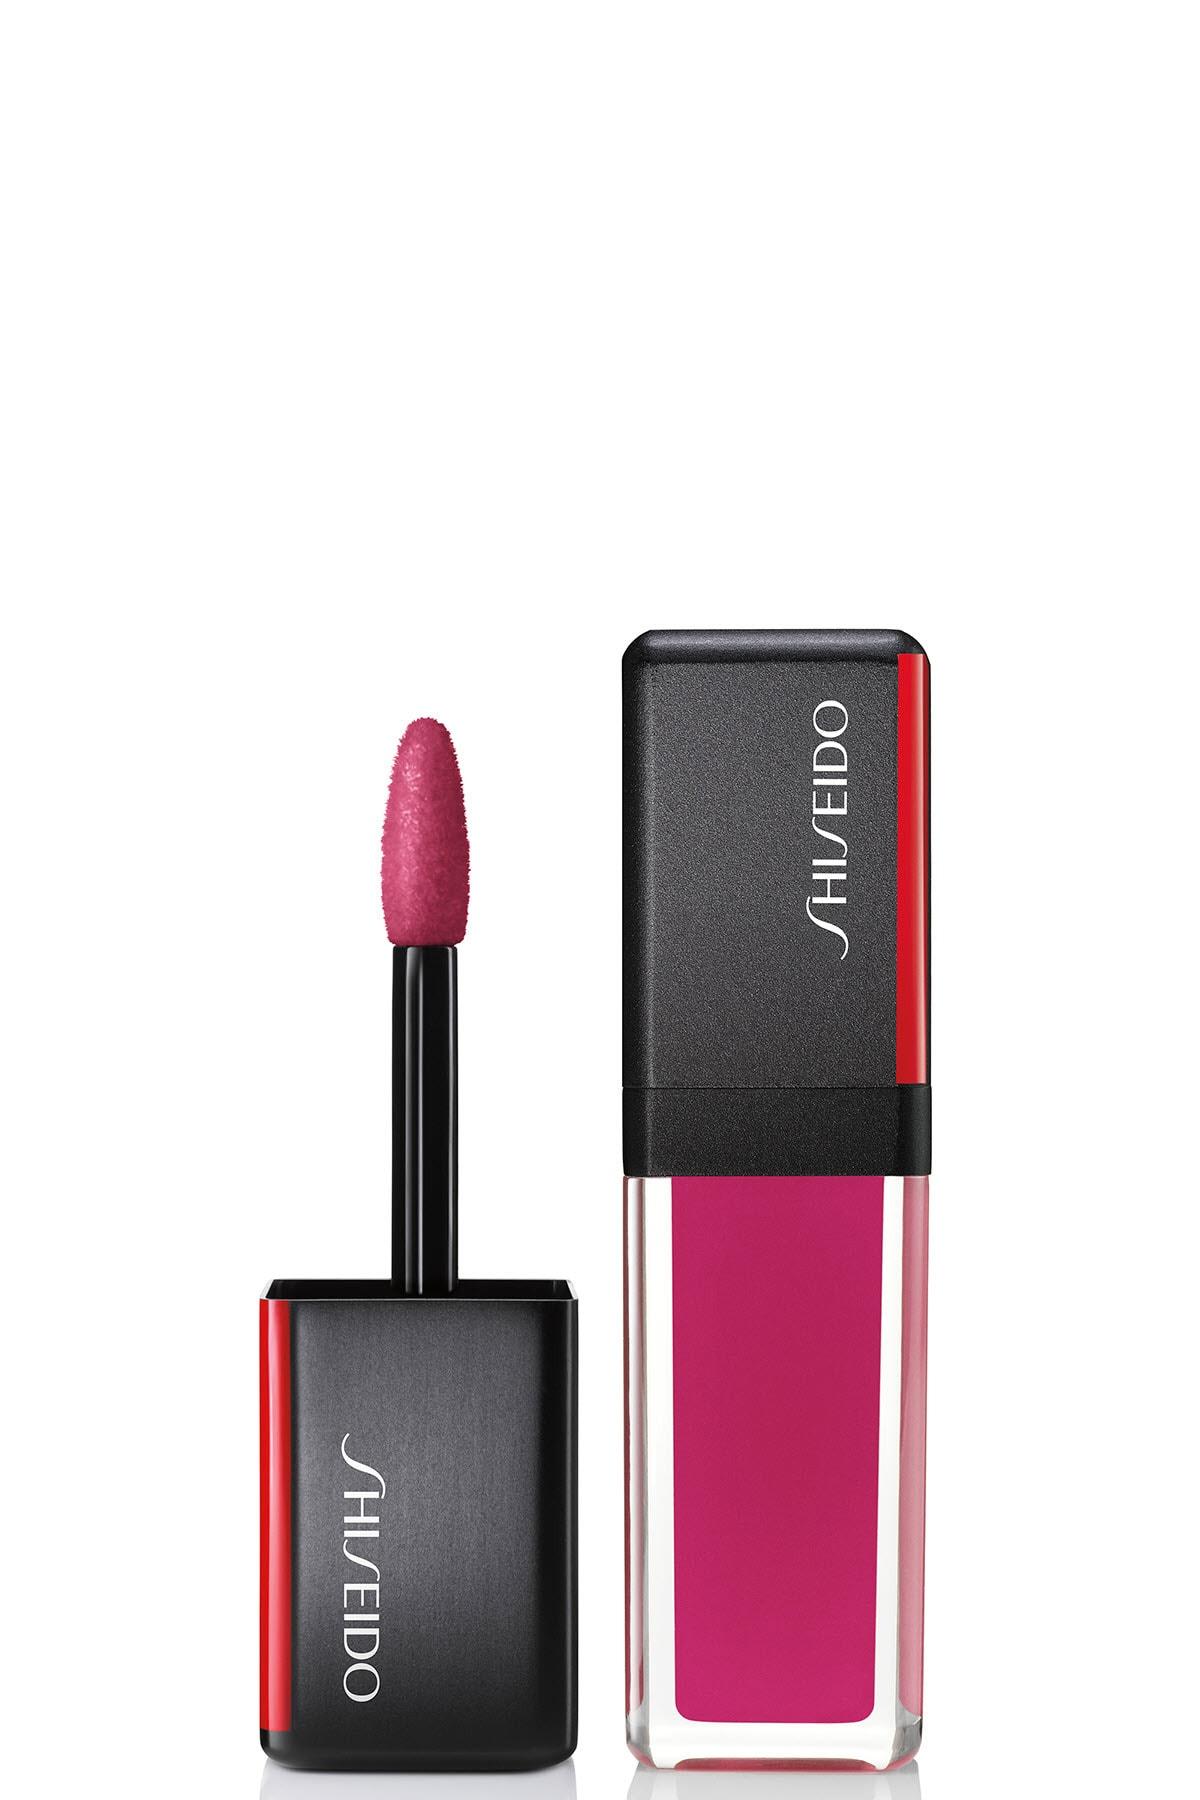 Shiseido Uzun Süre Dayanıklı Parlak Likit Ruj - SMK Lacquerink Lipshine 303 730852148260